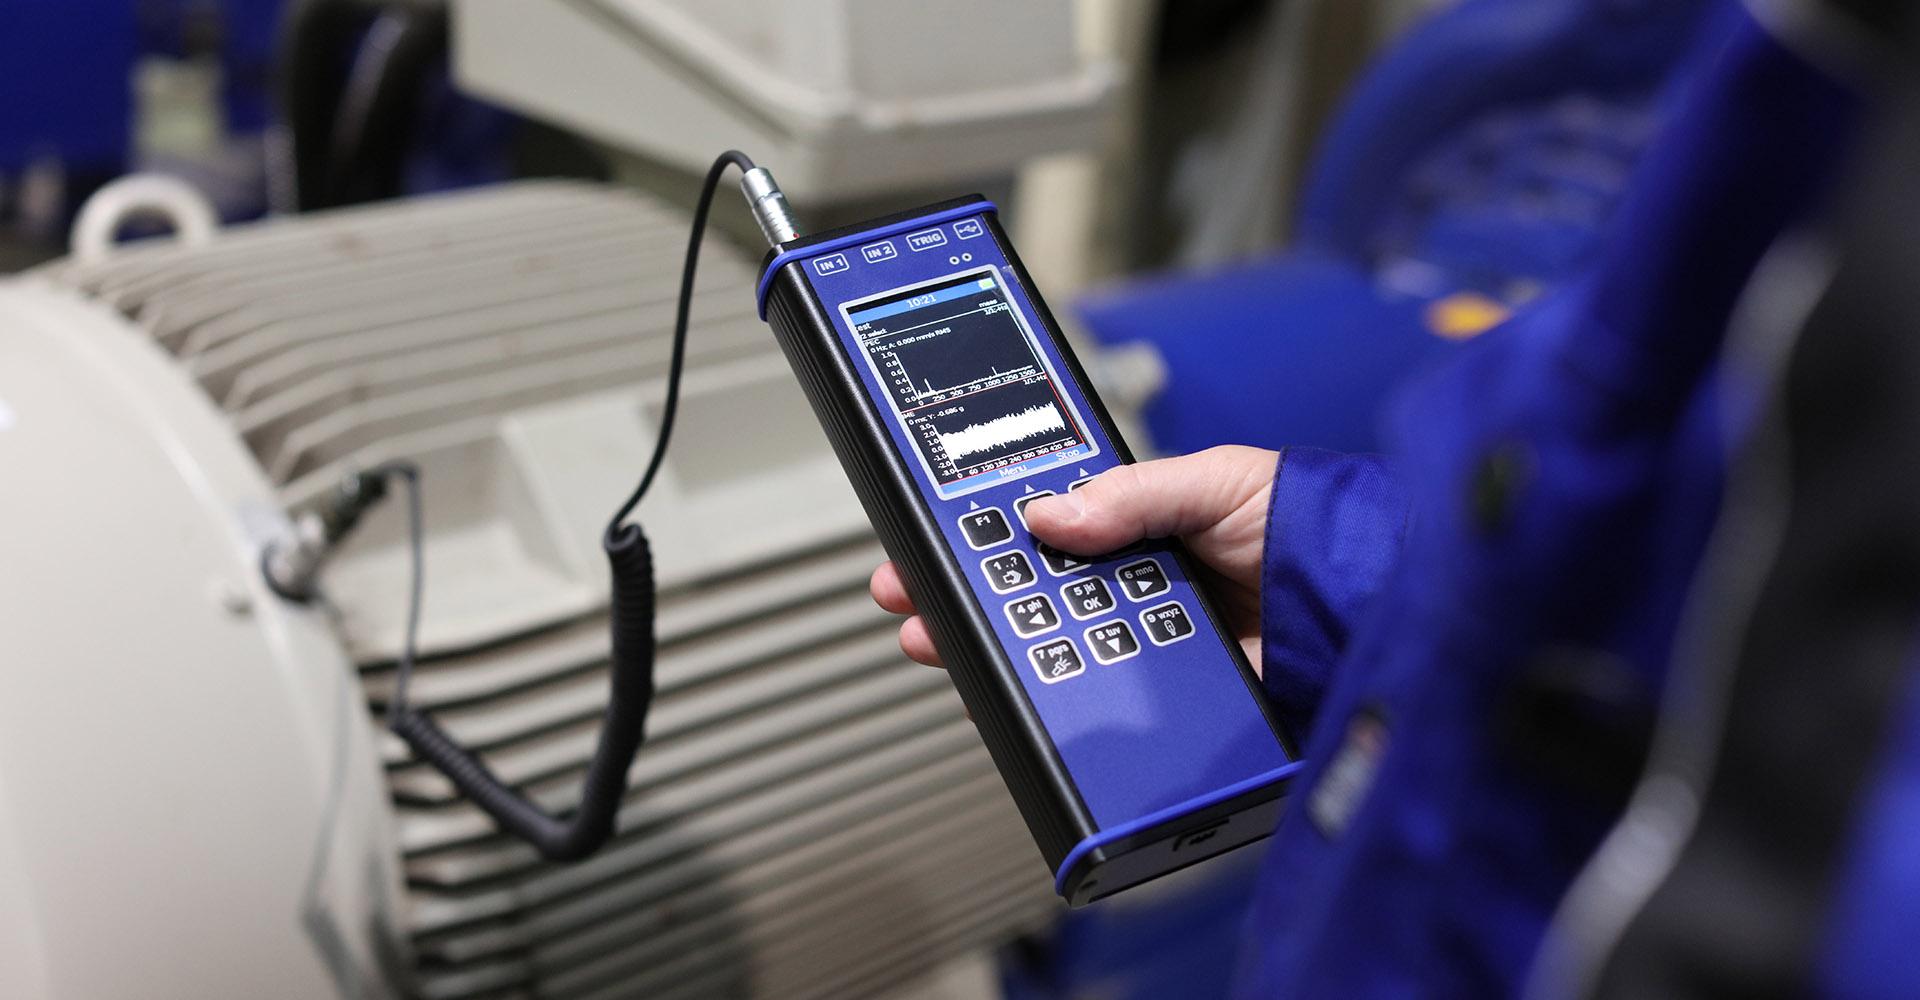 Pomiary drgań analizatorem drgań firmy Adash